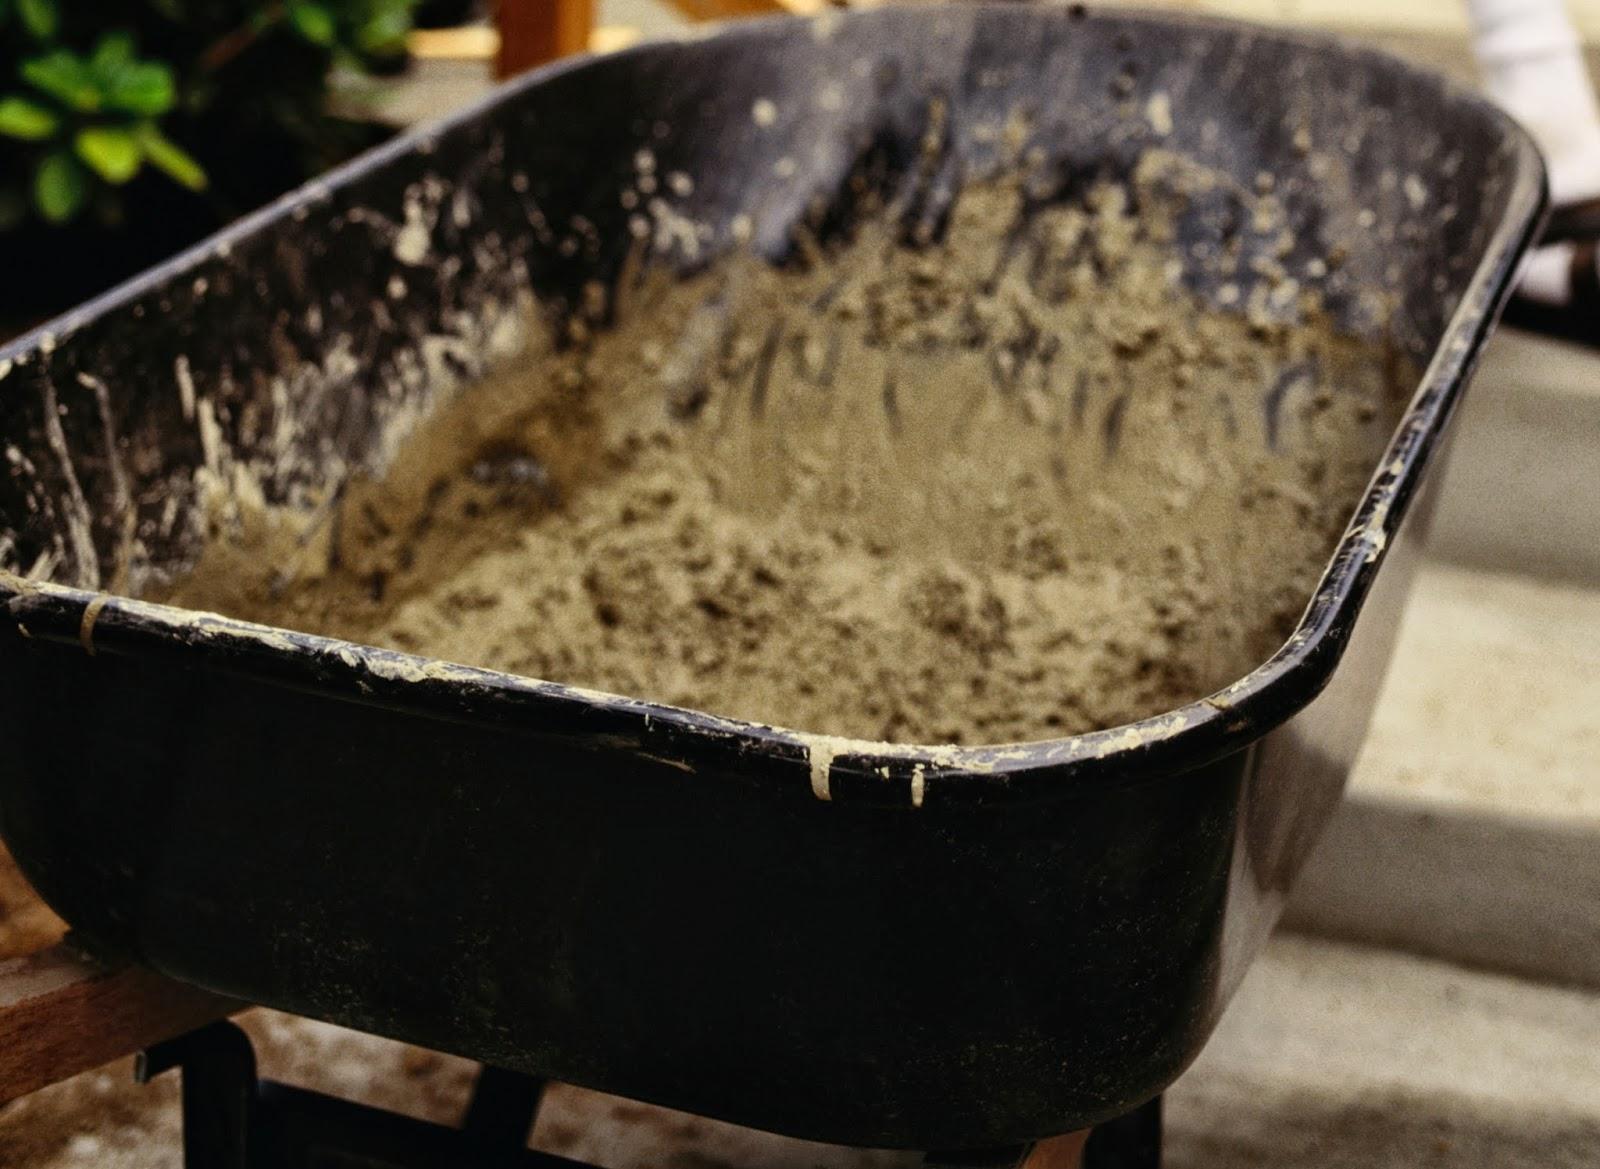 La humedad soluciones y trucos como quitar la humedad en casas nuevas - Quitar humedad pared ...